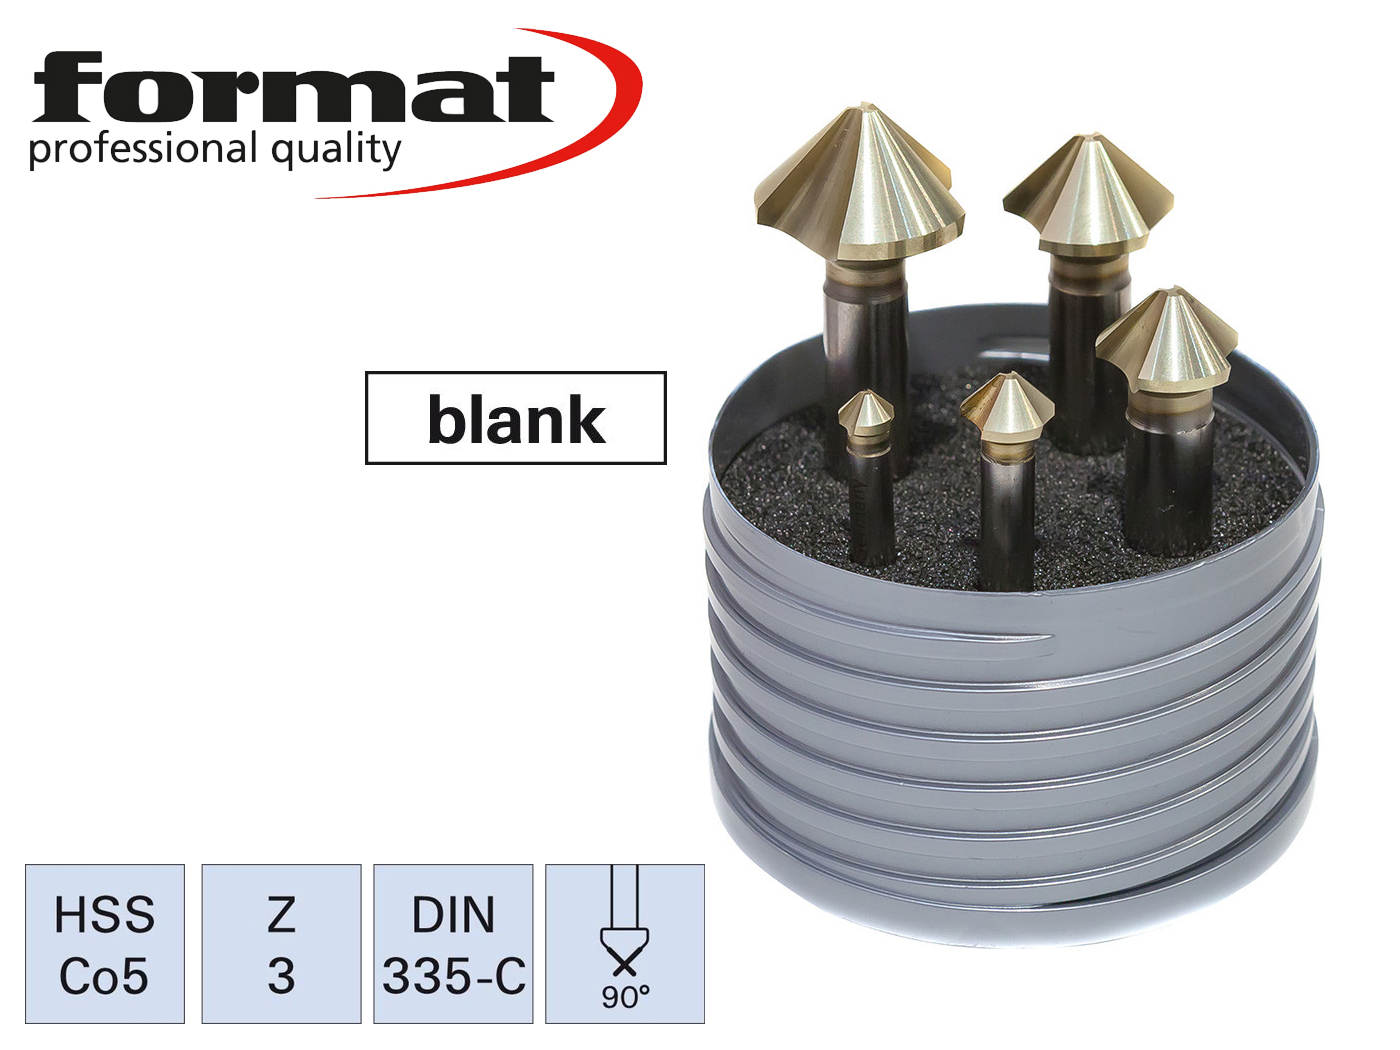 verzinkboor ongelijk verdeeld set DIN335 C 90G HSS6,30-25,00mm